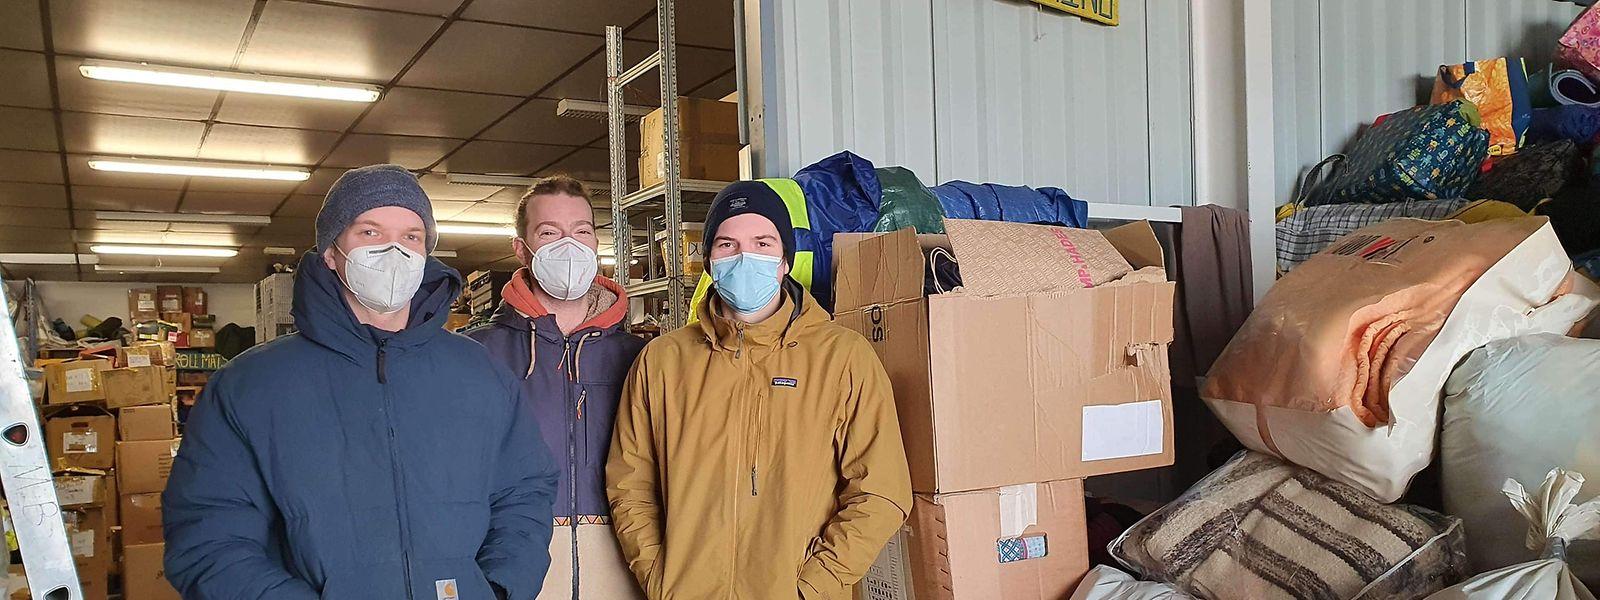 Mit der halben Ladung Hilfsgüter sind Felix, Pipo und Youri in Calais und Dunkerque angekommen. Die zweite Hälfte wollen sie am kommenden Wochenende abliefern.